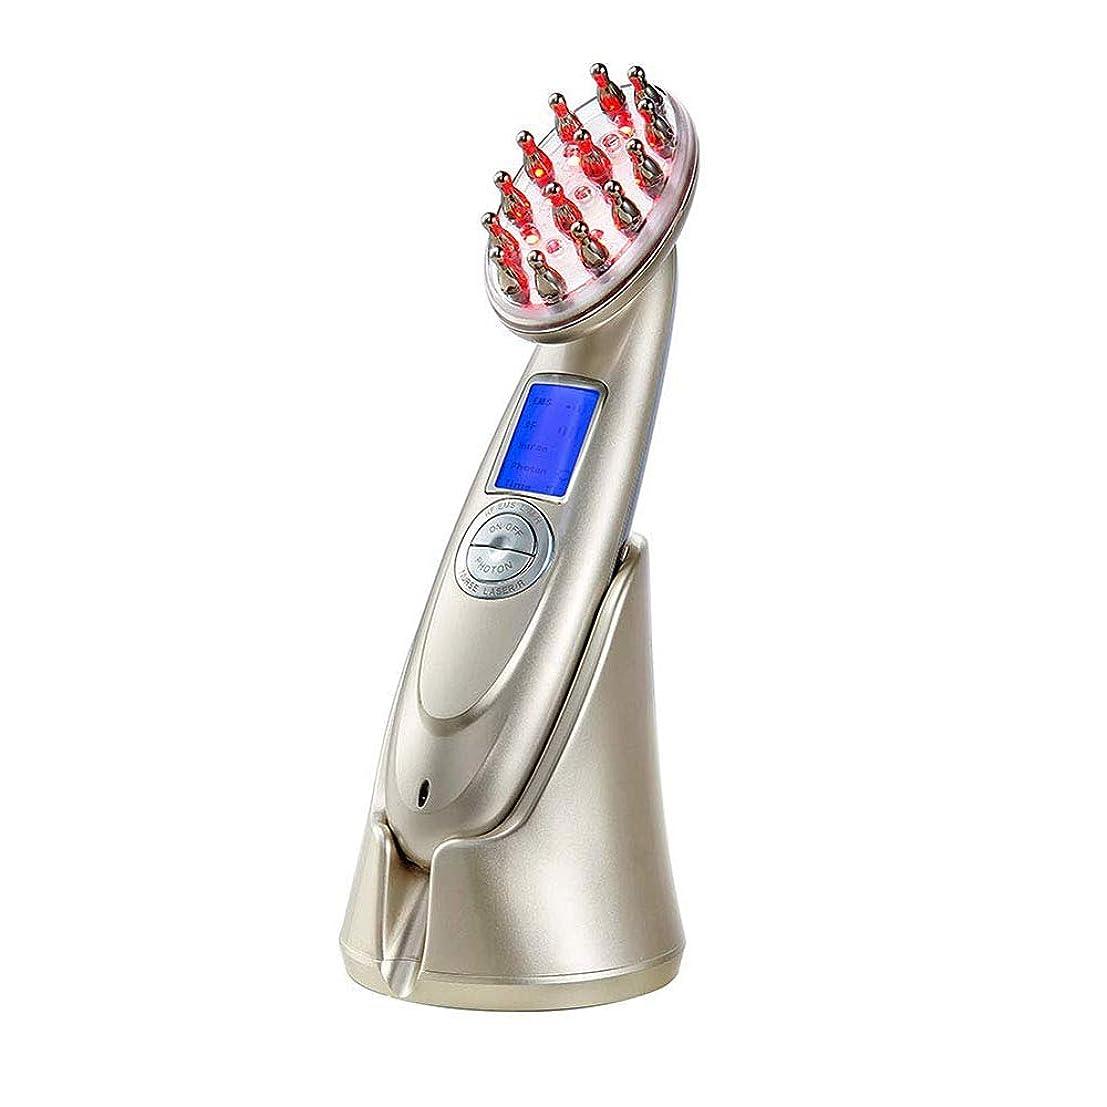 一節エッセンス保存する髪の成長櫛電気抗毛損失治療マッサージヘア再生ブラシ無線周波数職業 EMS Led フォトンライトセラピー櫛